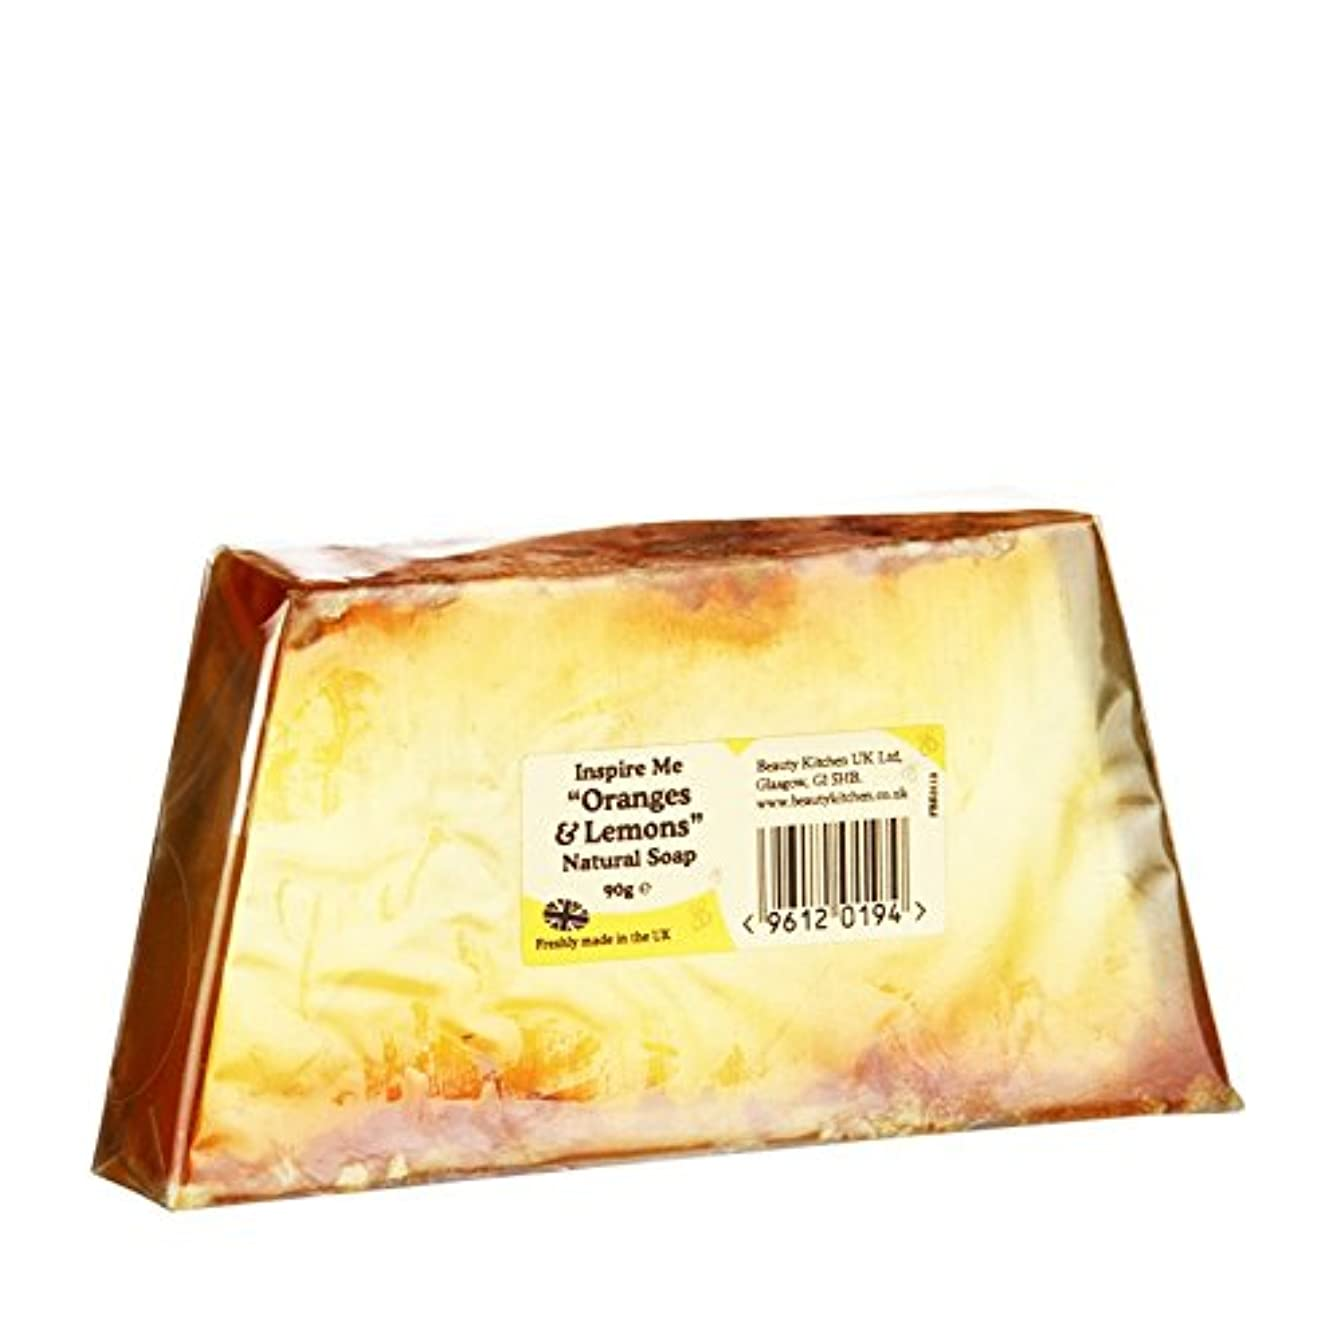 パーティション特性エピソードBeauty Kitchen Inspire Me Orange & Lemon Natural Soap 90g (Pack of 6) - 美しさのキッチンは私がオレンジ&レモンの天然石鹸90グラム鼓舞します (x6) [並行輸入品]